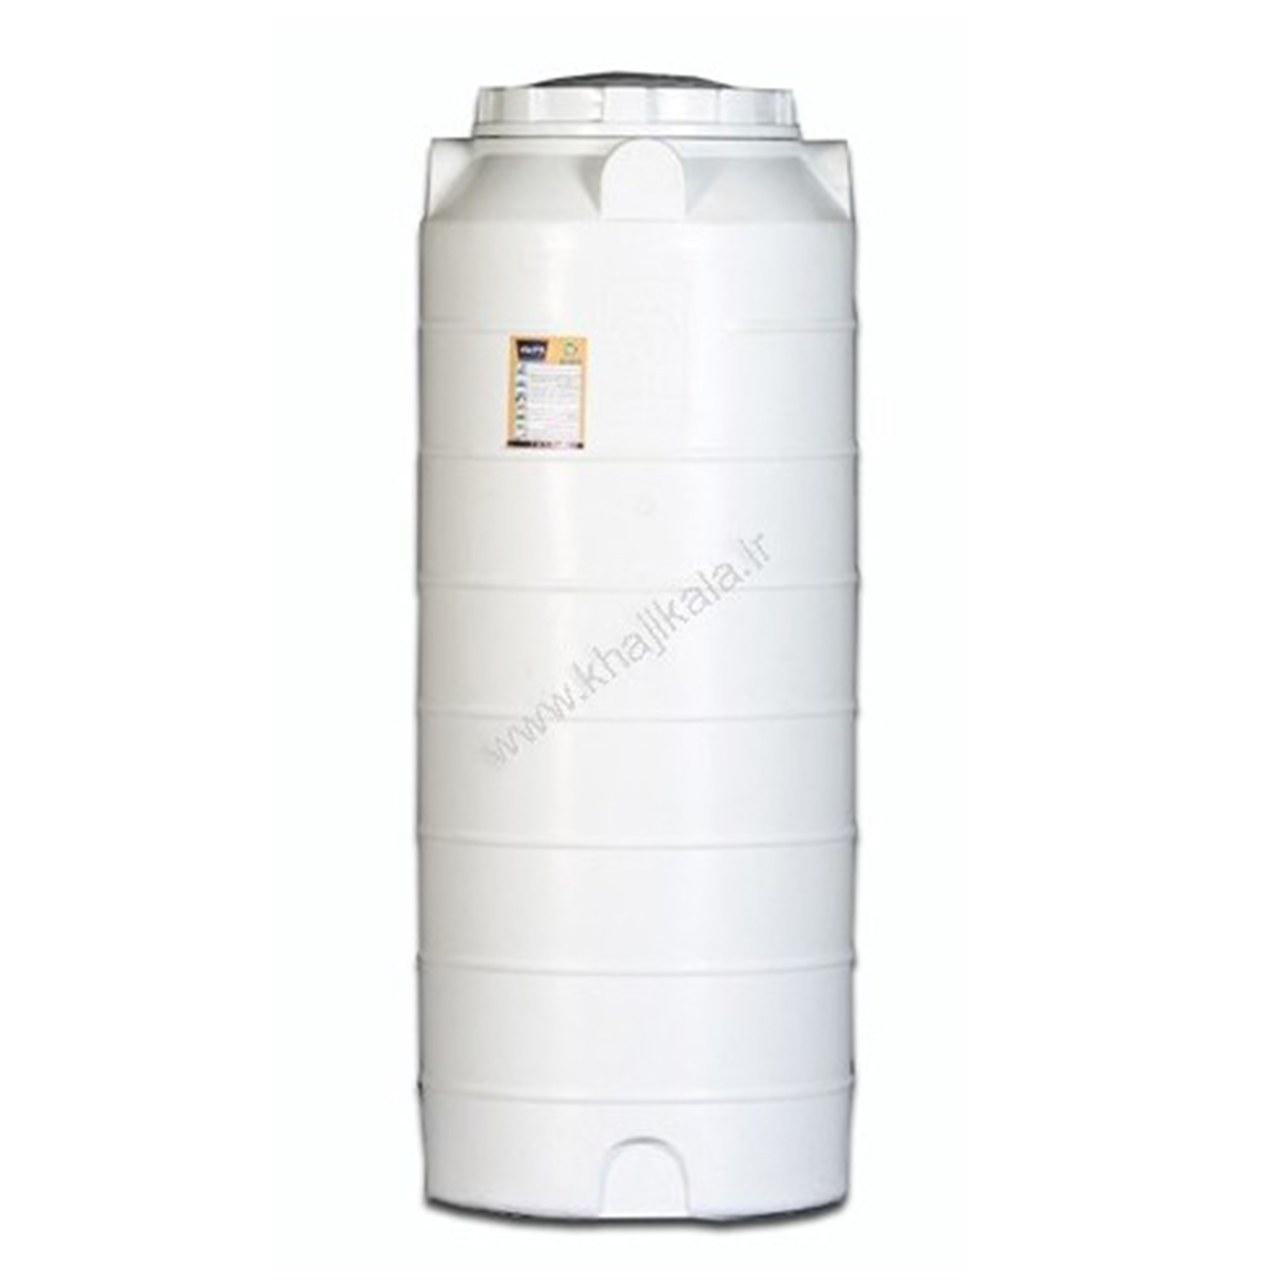 تصویر مخزن پلی اتیلن 500 لیتری خزر منبع عمودی بلند 3 لایه